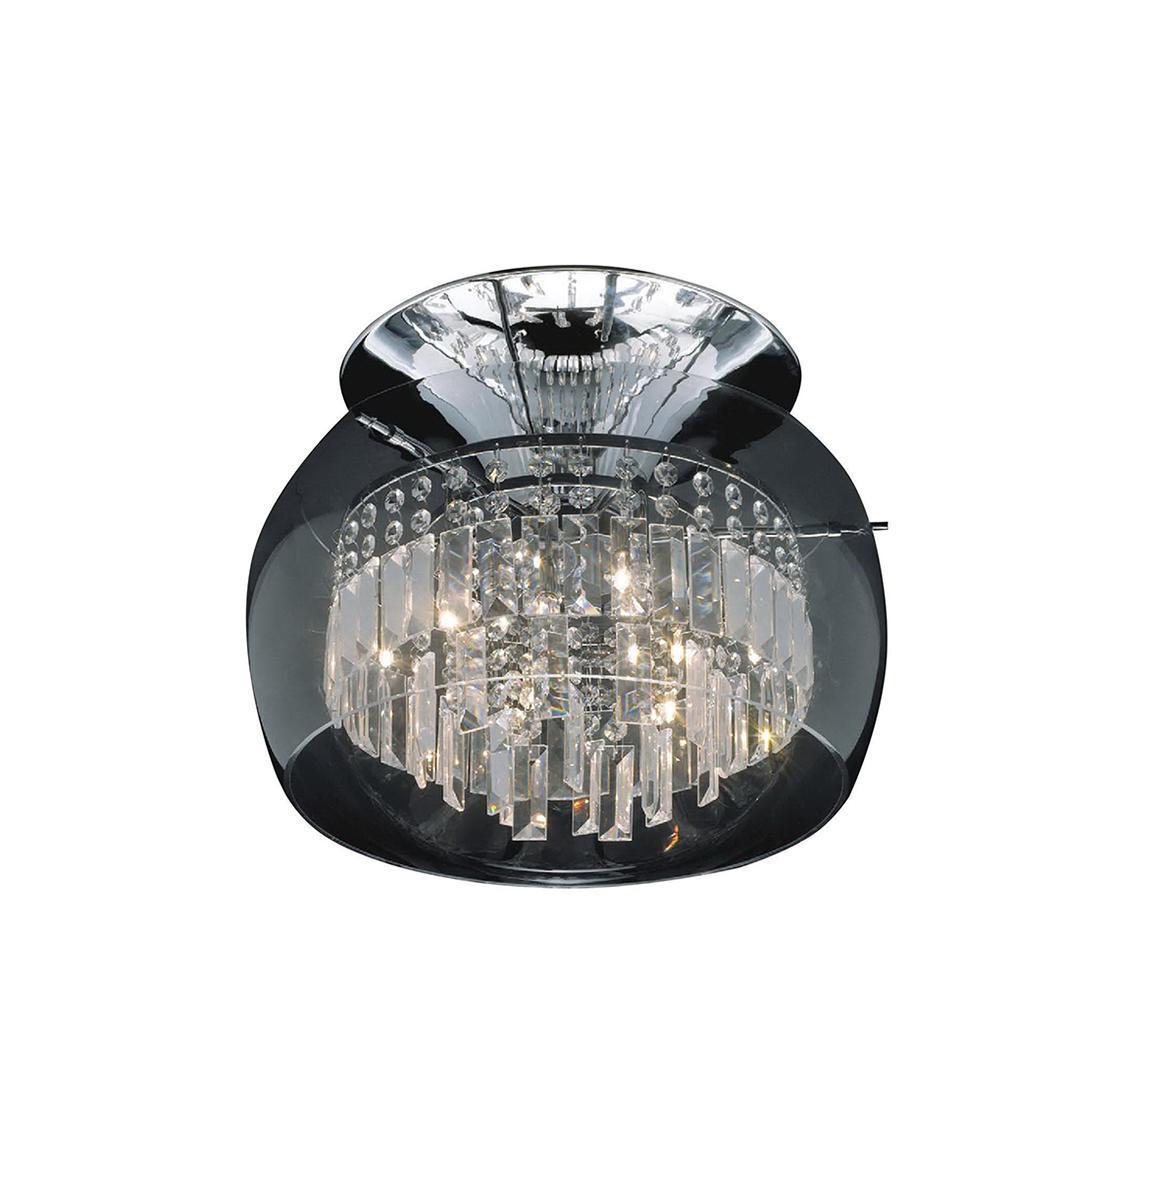 Потолочный светильник ST Luce SL760 102 06SL760 102 06Жизнь современного человека не представляется возможной без света, а роскошную, элегантную комнату обязательно должны украшать модные и стильные светильники. При помощи различных источников света можно выразительно и ярко подчеркнуть выигрышные элементы дизайнерского оформления комнаты или же, наоборот, затемнить и скрыть какие-либо детали. Кроме того, точечные светильники создадут особую атмосферу и настроение в интерьере.